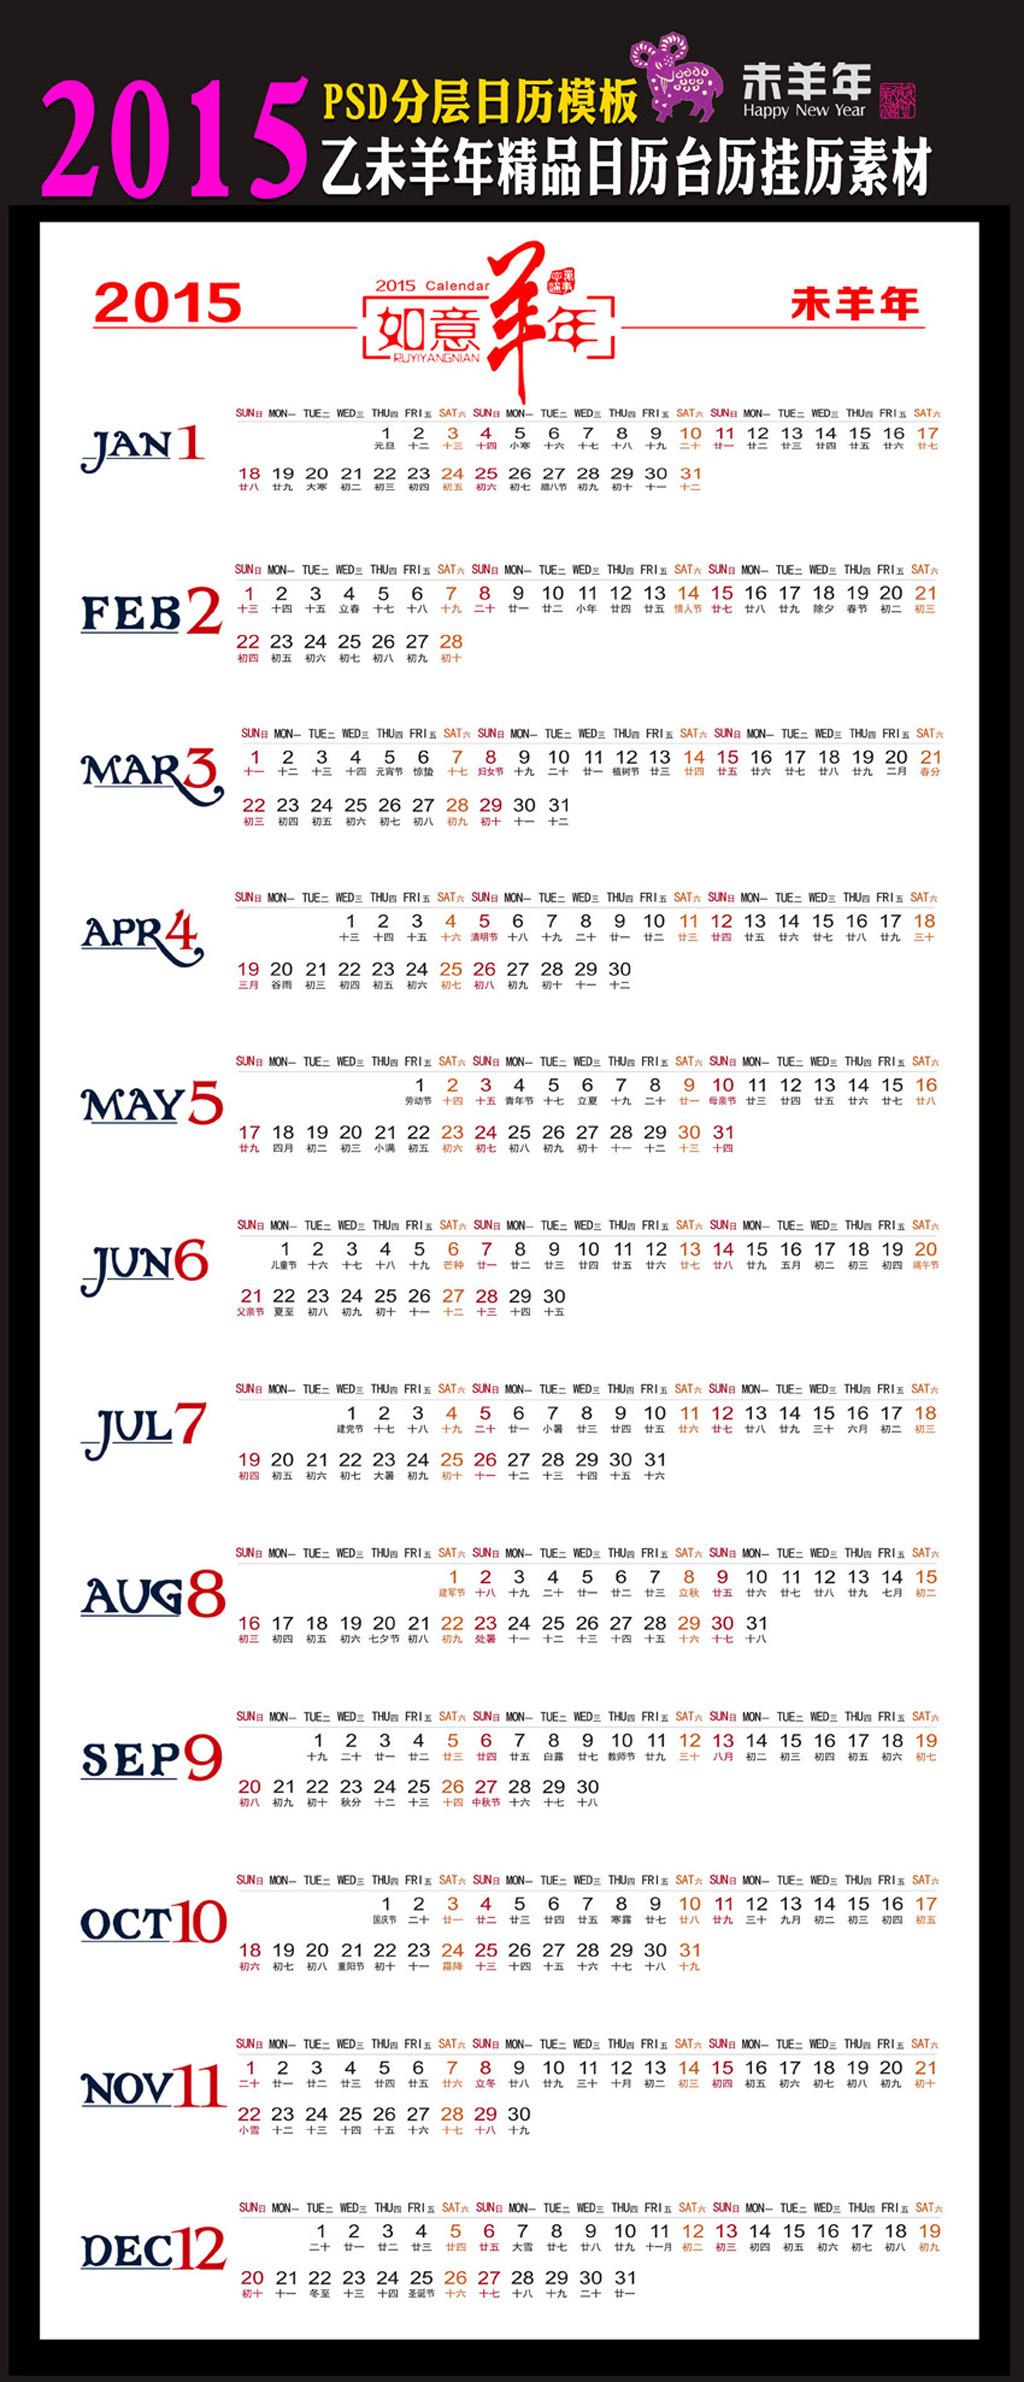 2015乙未羊年年历日历表psd模板下载(图片编号:)图片